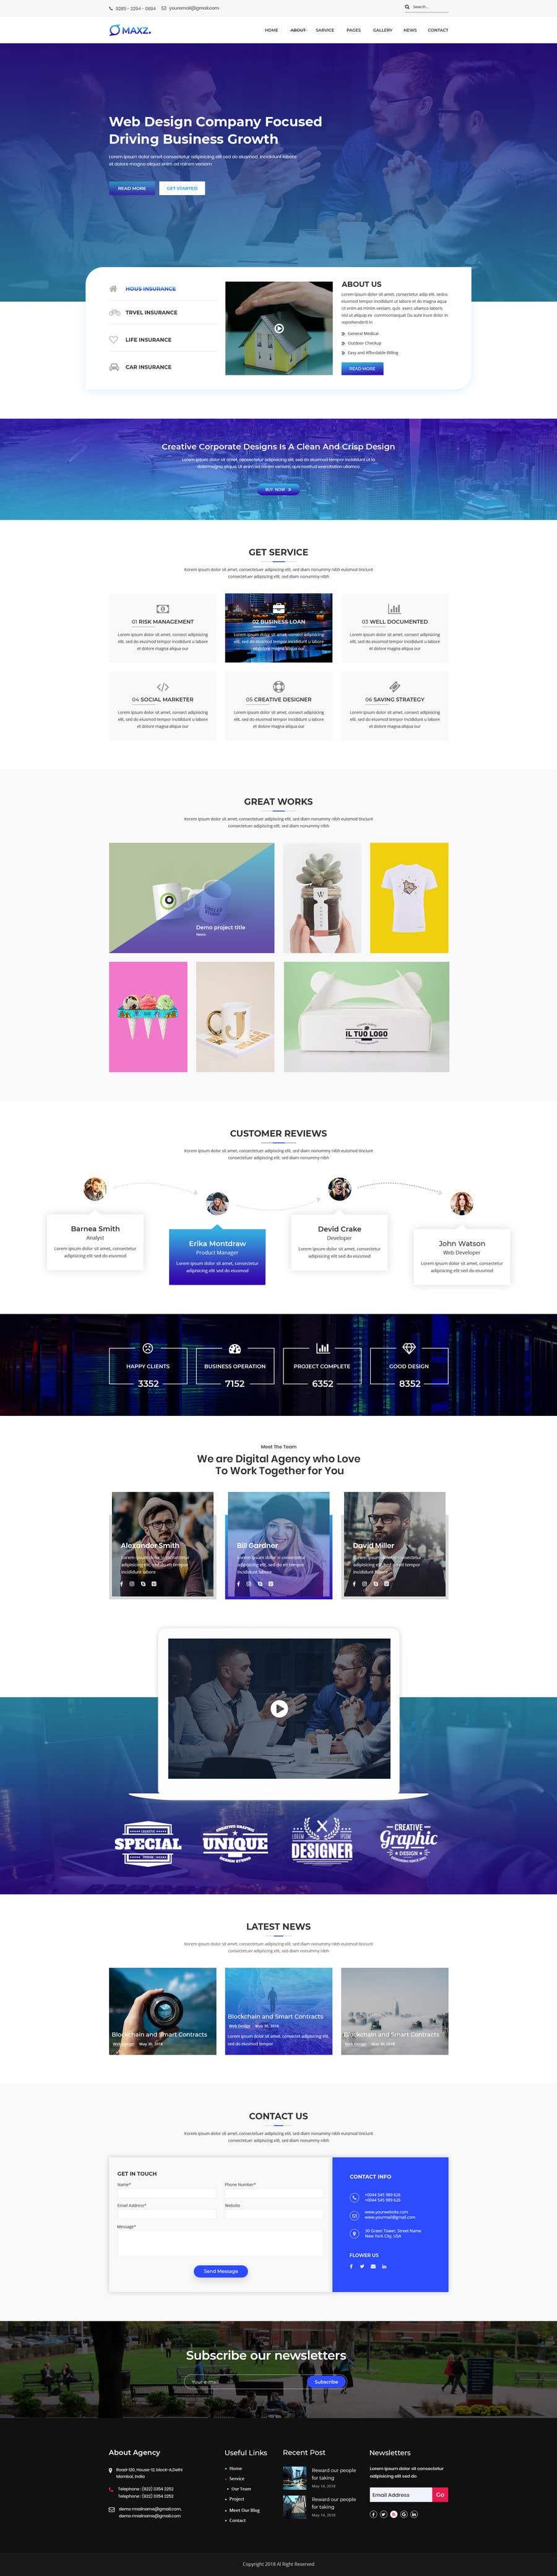 Penyertaan Peraduan #19 untuk Website Design Company Website Needed...haha